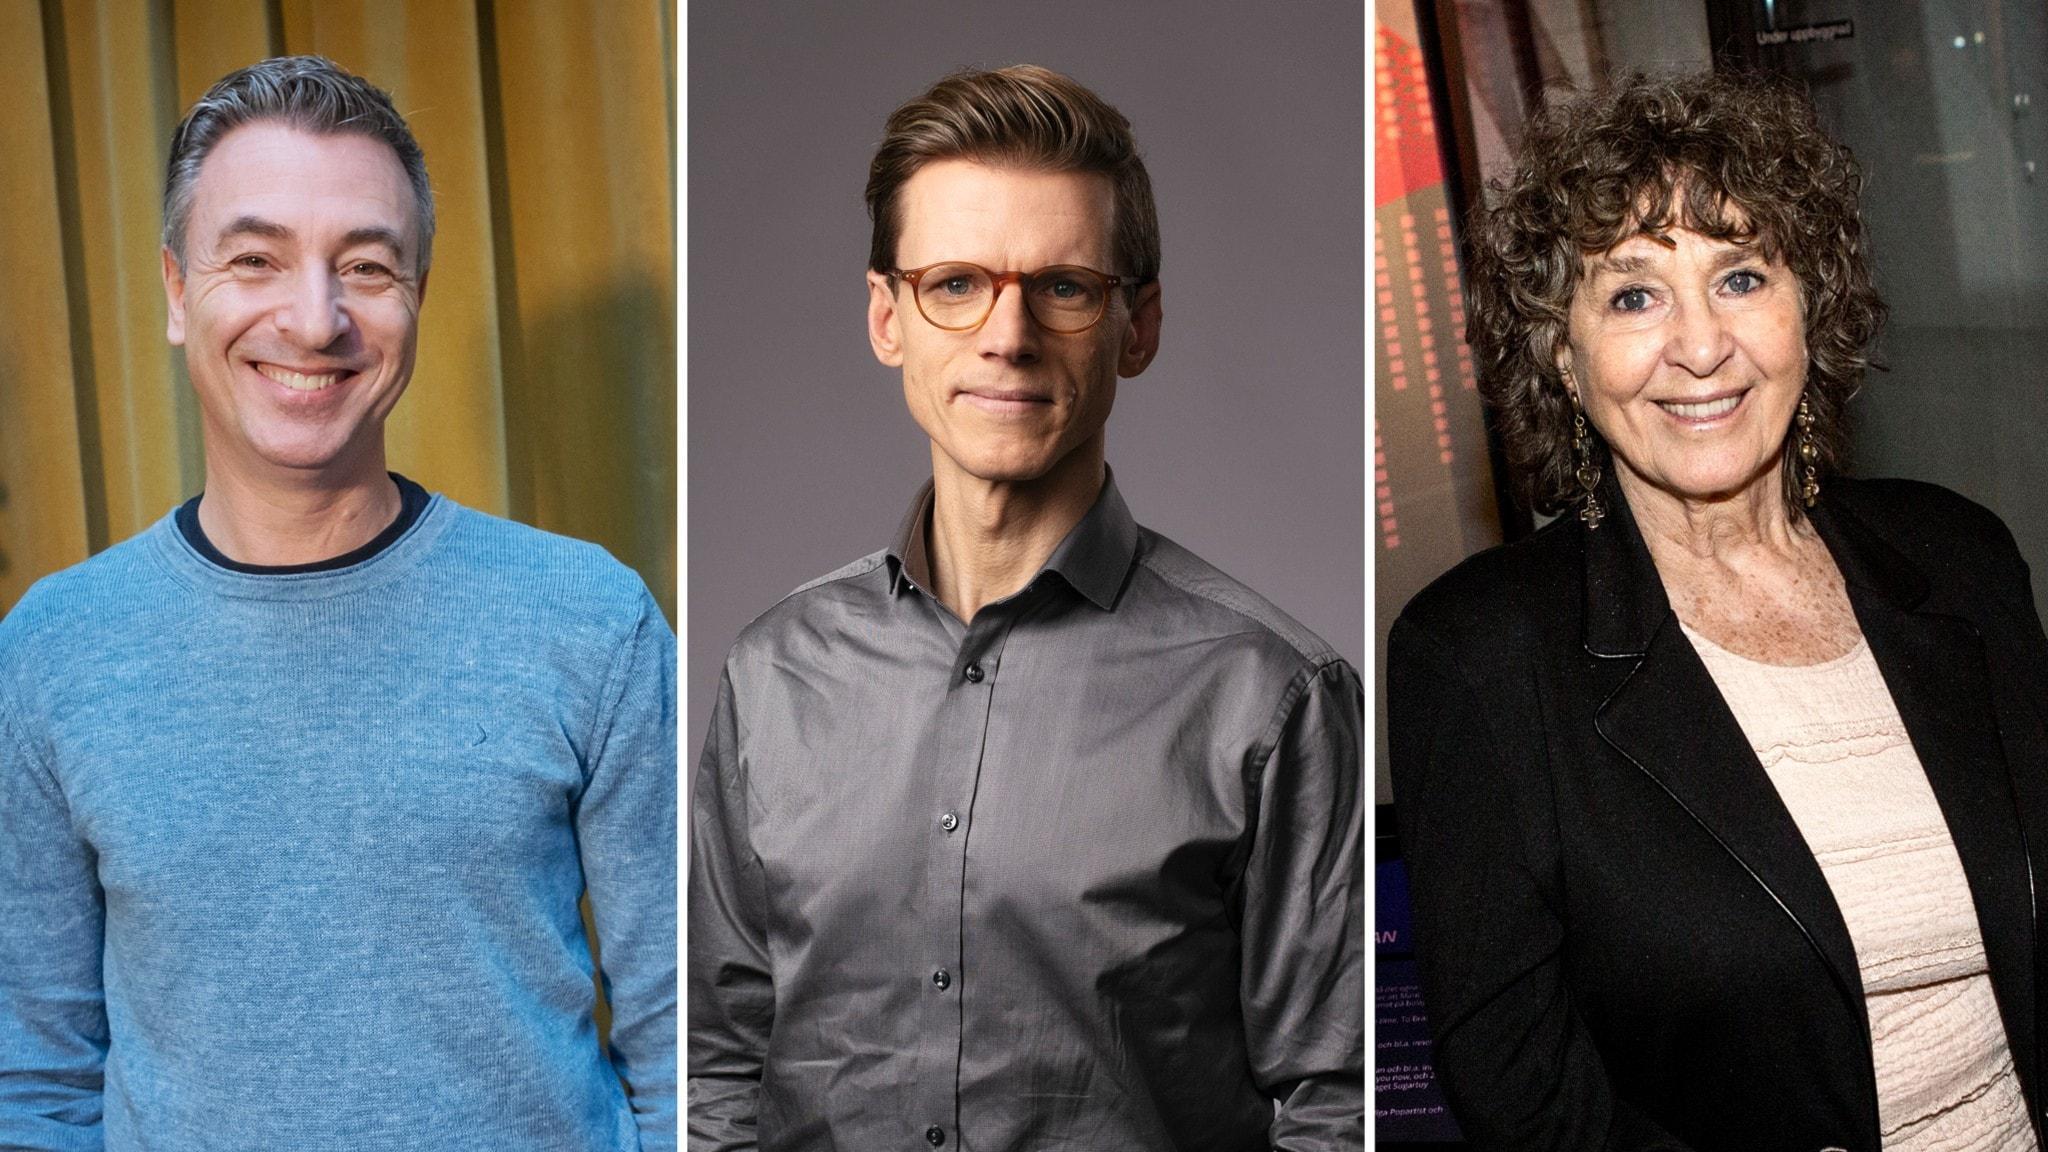 Tre porträttbilder bredvid varandra. Tareq Taylor, Johan Signert och Siw Malmkvist.